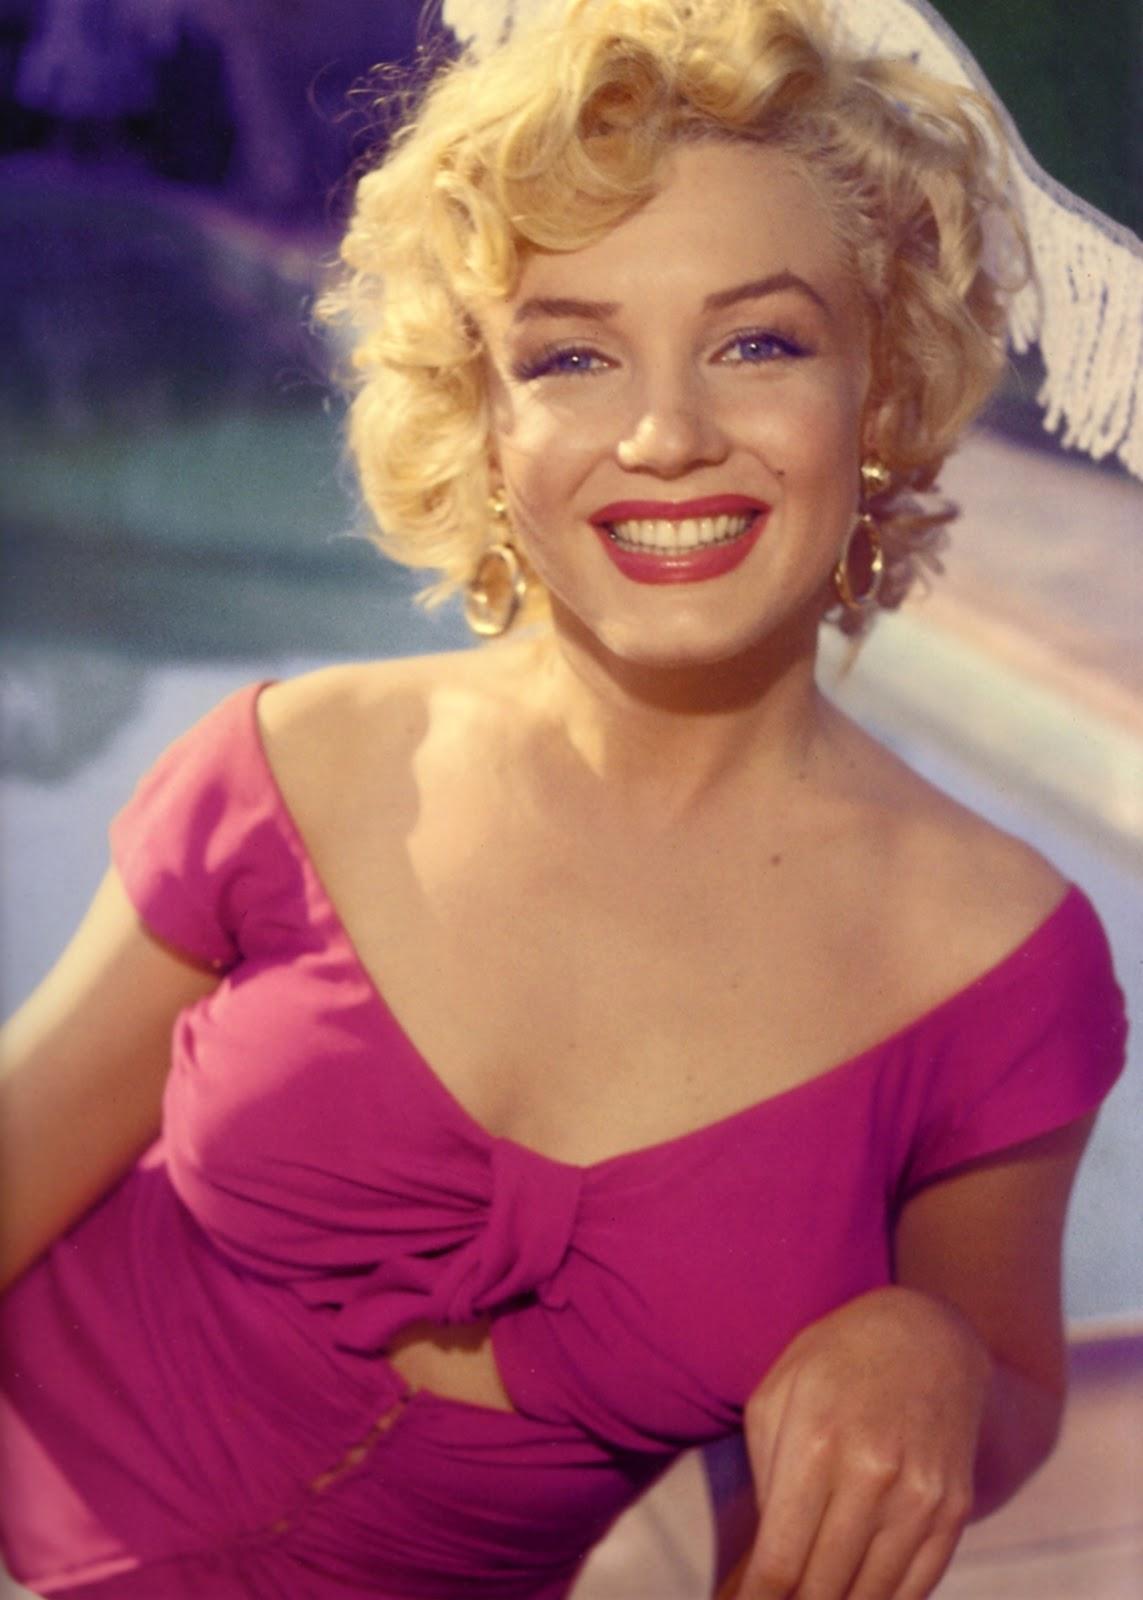 http://1.bp.blogspot.com/-rGACzlxj3Dc/UPolp7Rx_uI/AAAAAAAAAuk/GLCg9TlBphM/s1600/Marilyn+Monroe.jpg